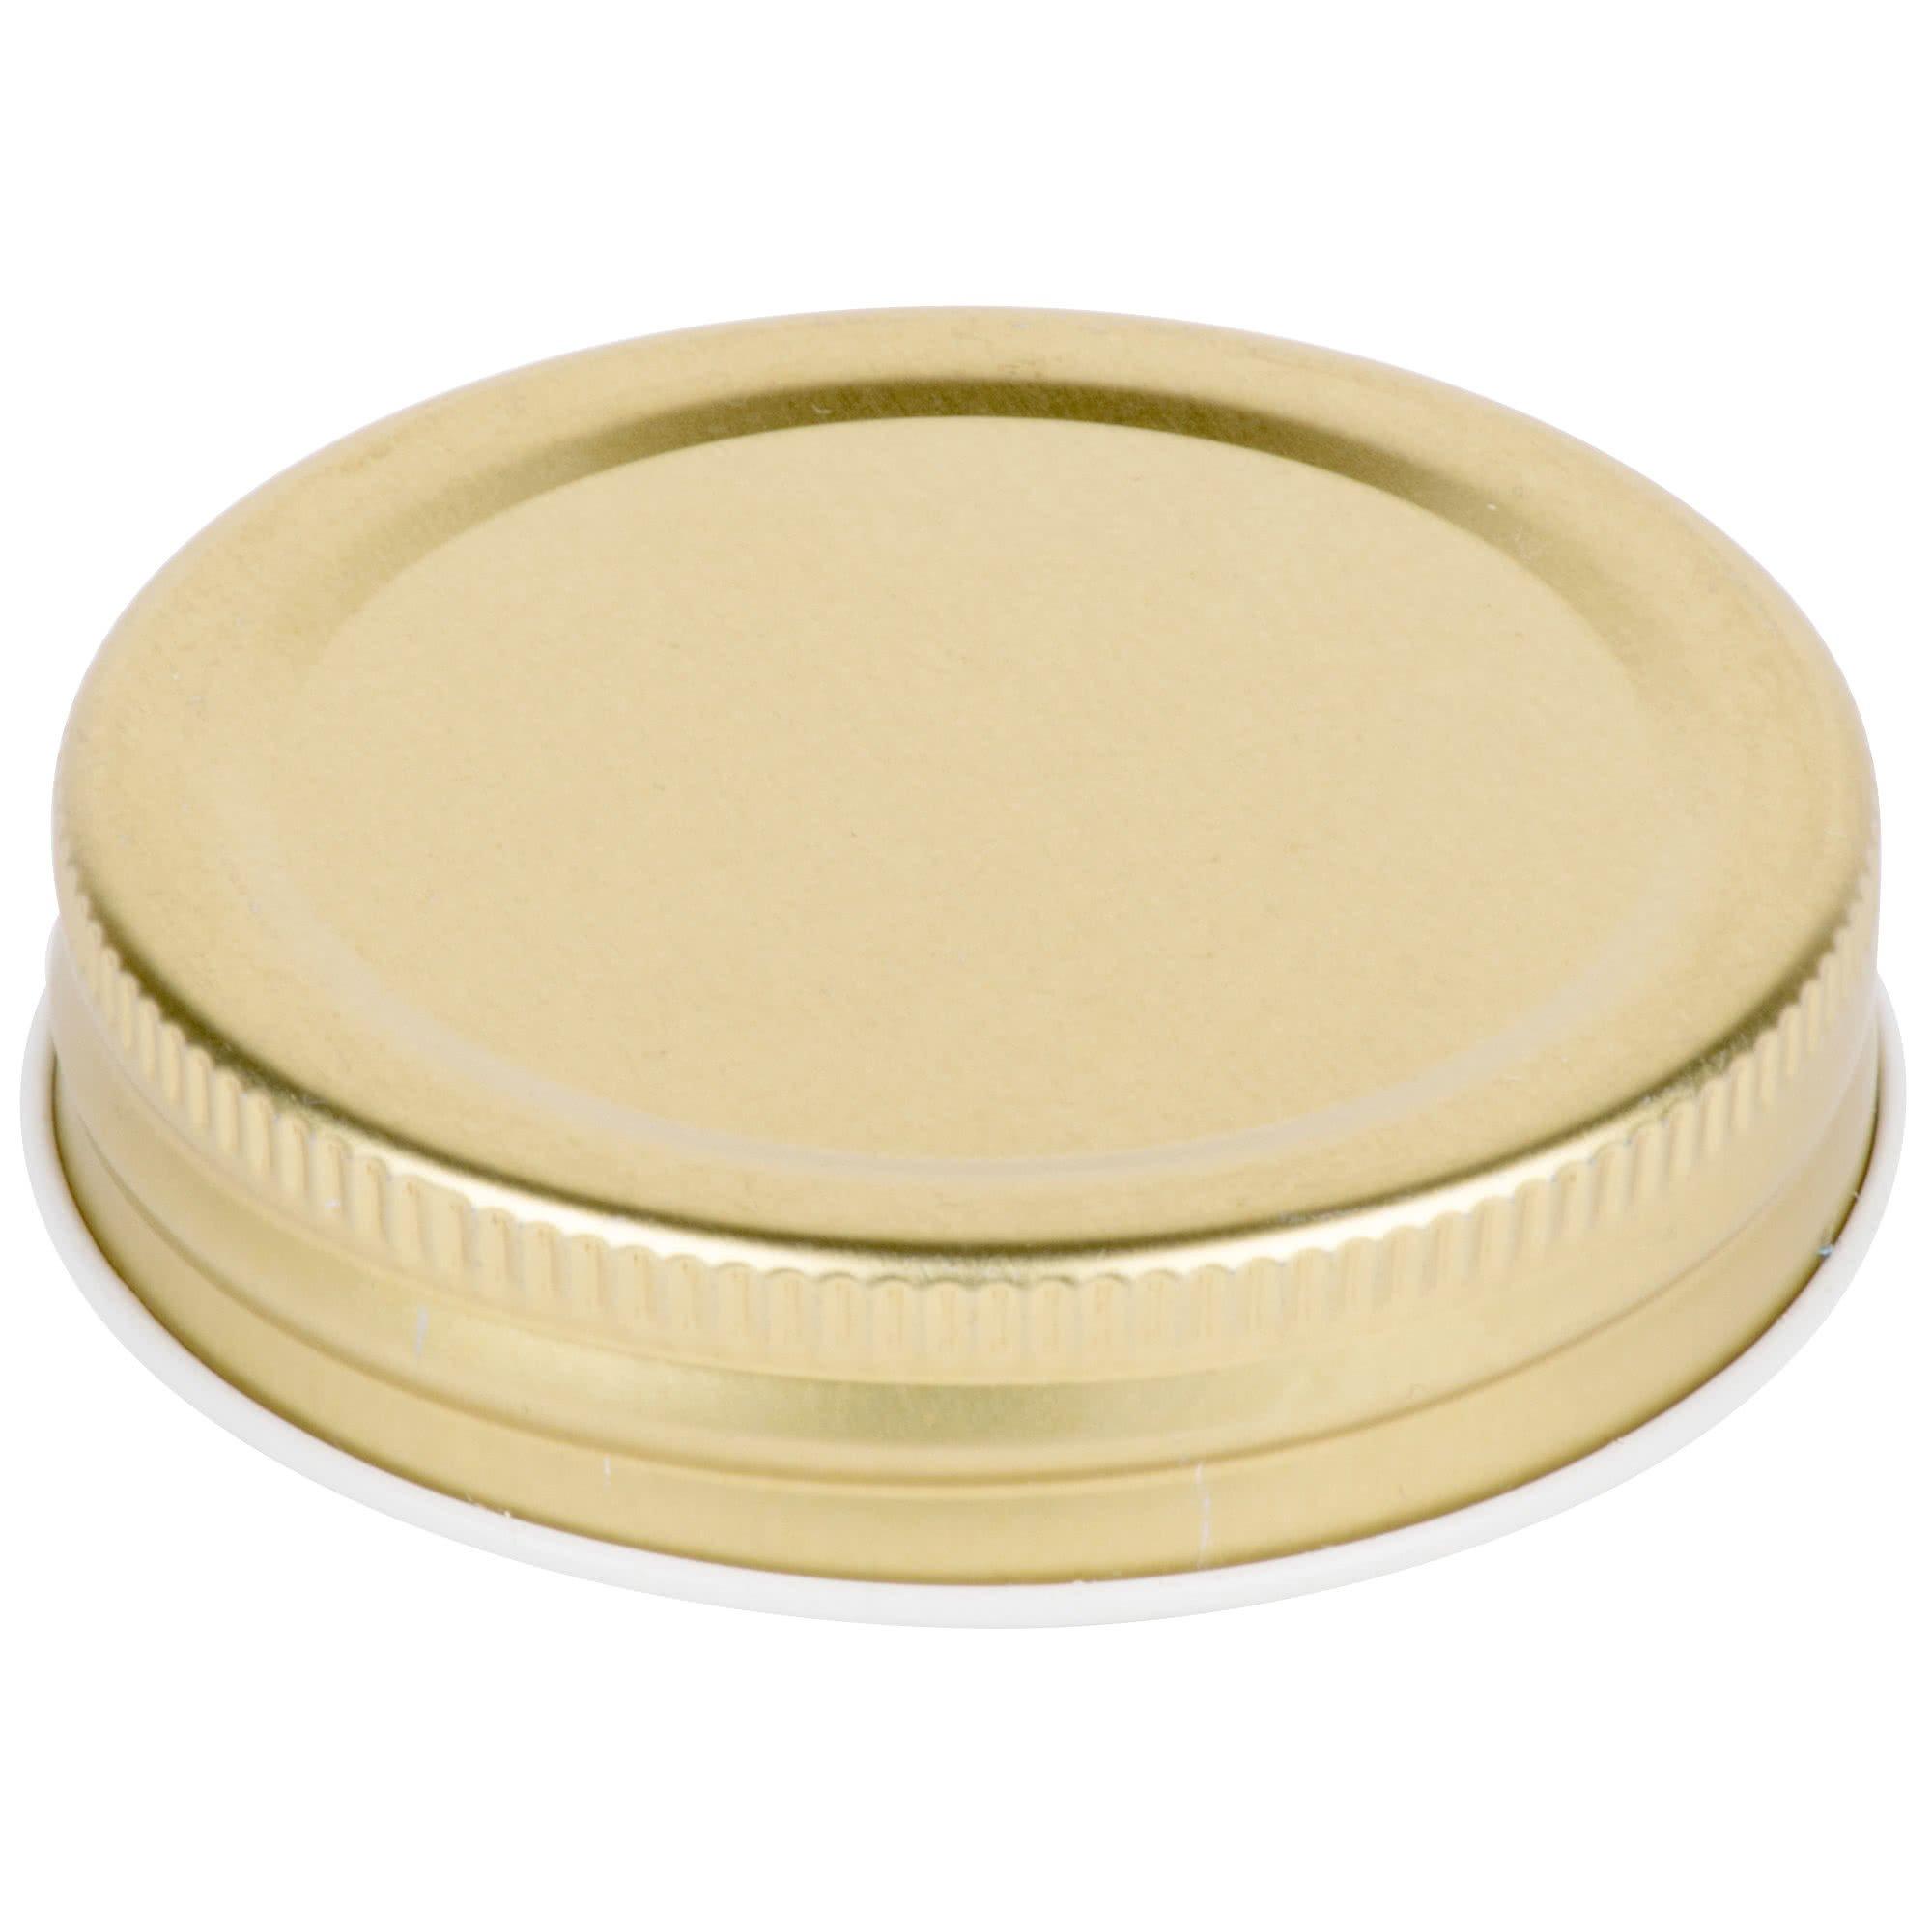 TableTop King Gold Metal Drinking Jar Lid 12/Pack